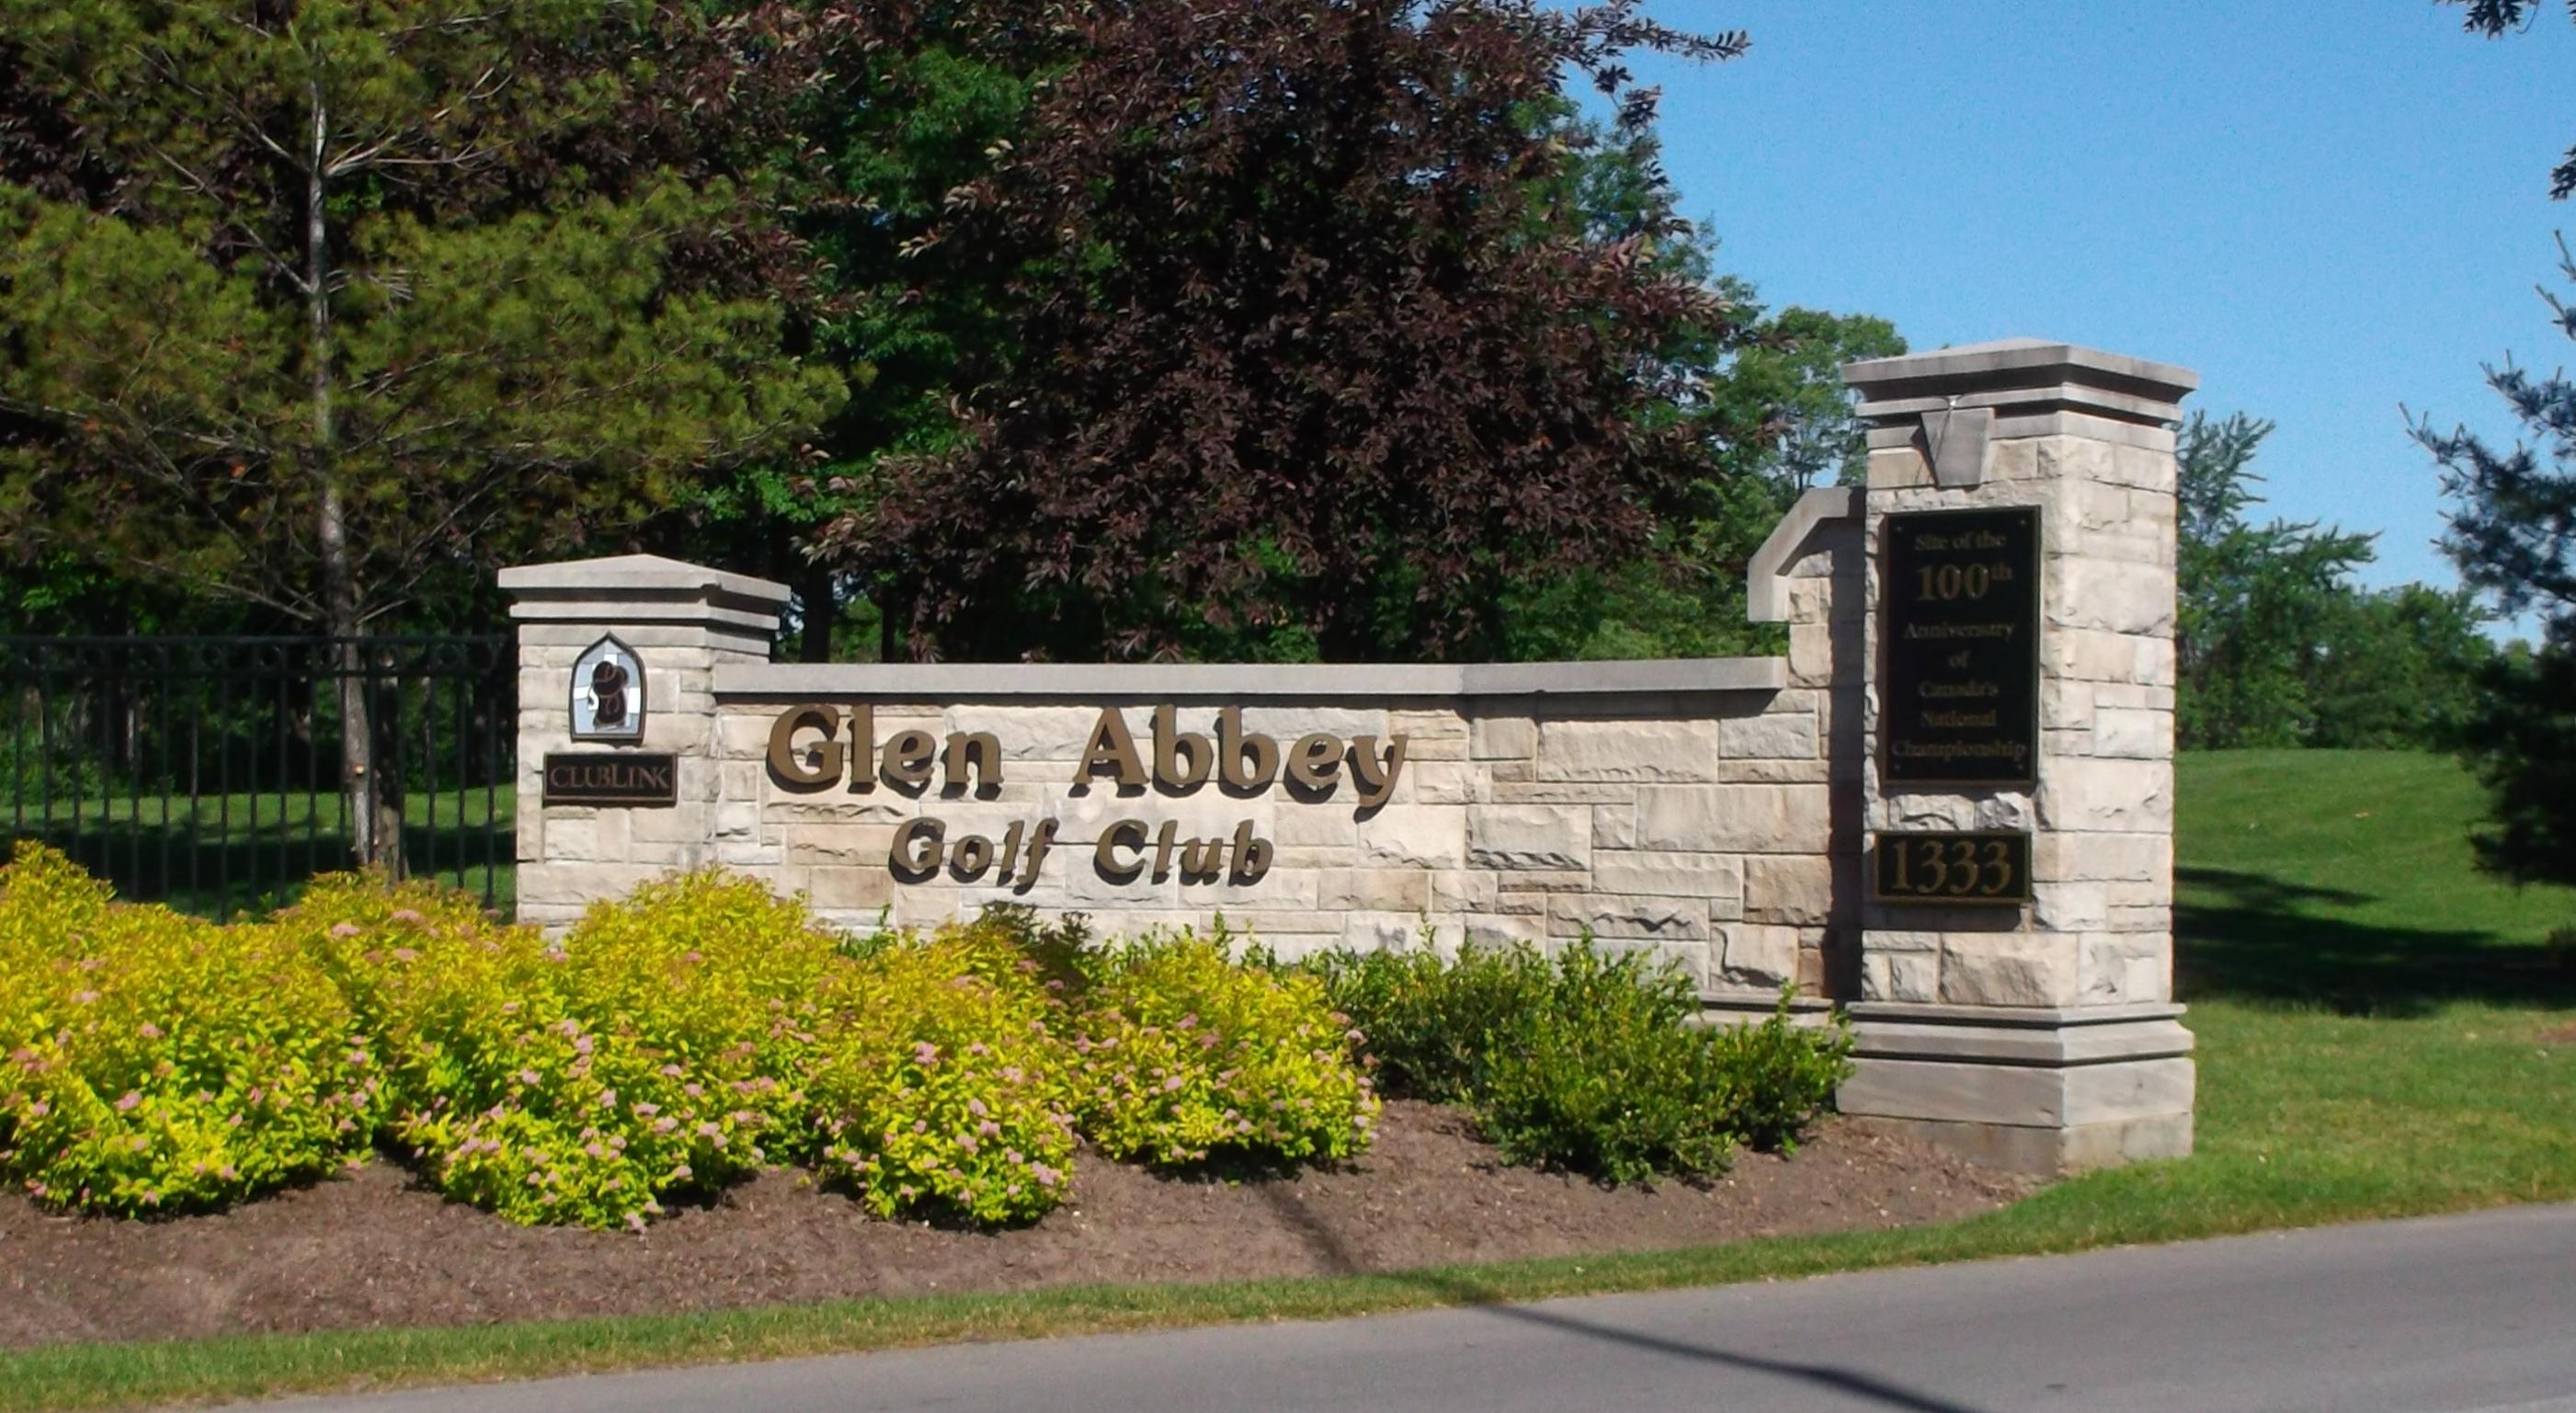 ClubLink Seeks to Demolish Oakville's Glen Abbey Golf Course